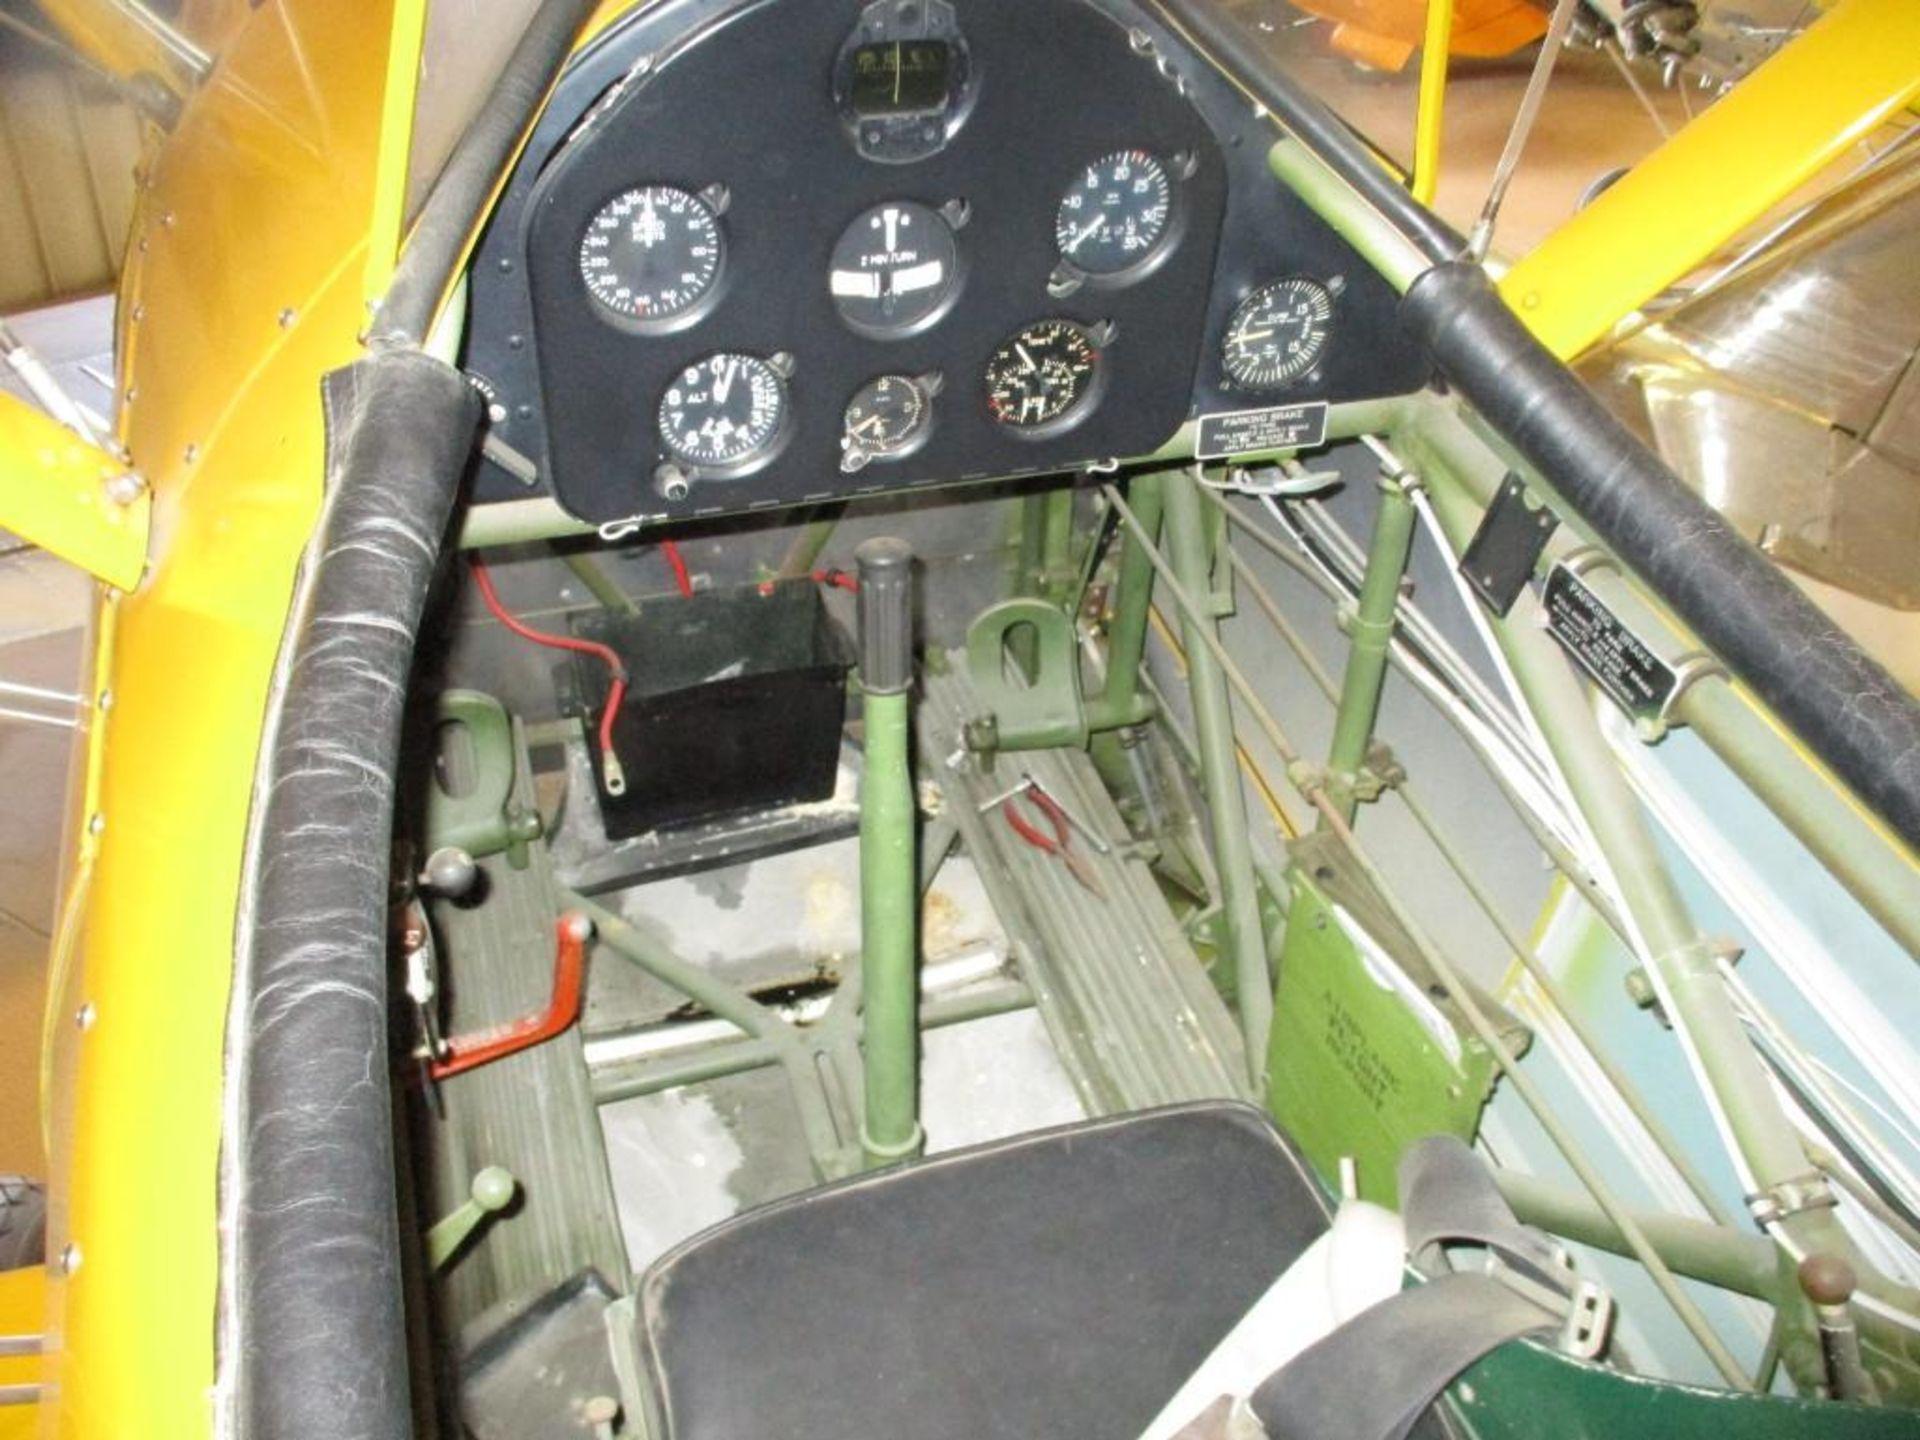 1937 BOEING A-75 STEARMAN N63378 S/N/ 75-254 - Image 7 of 7